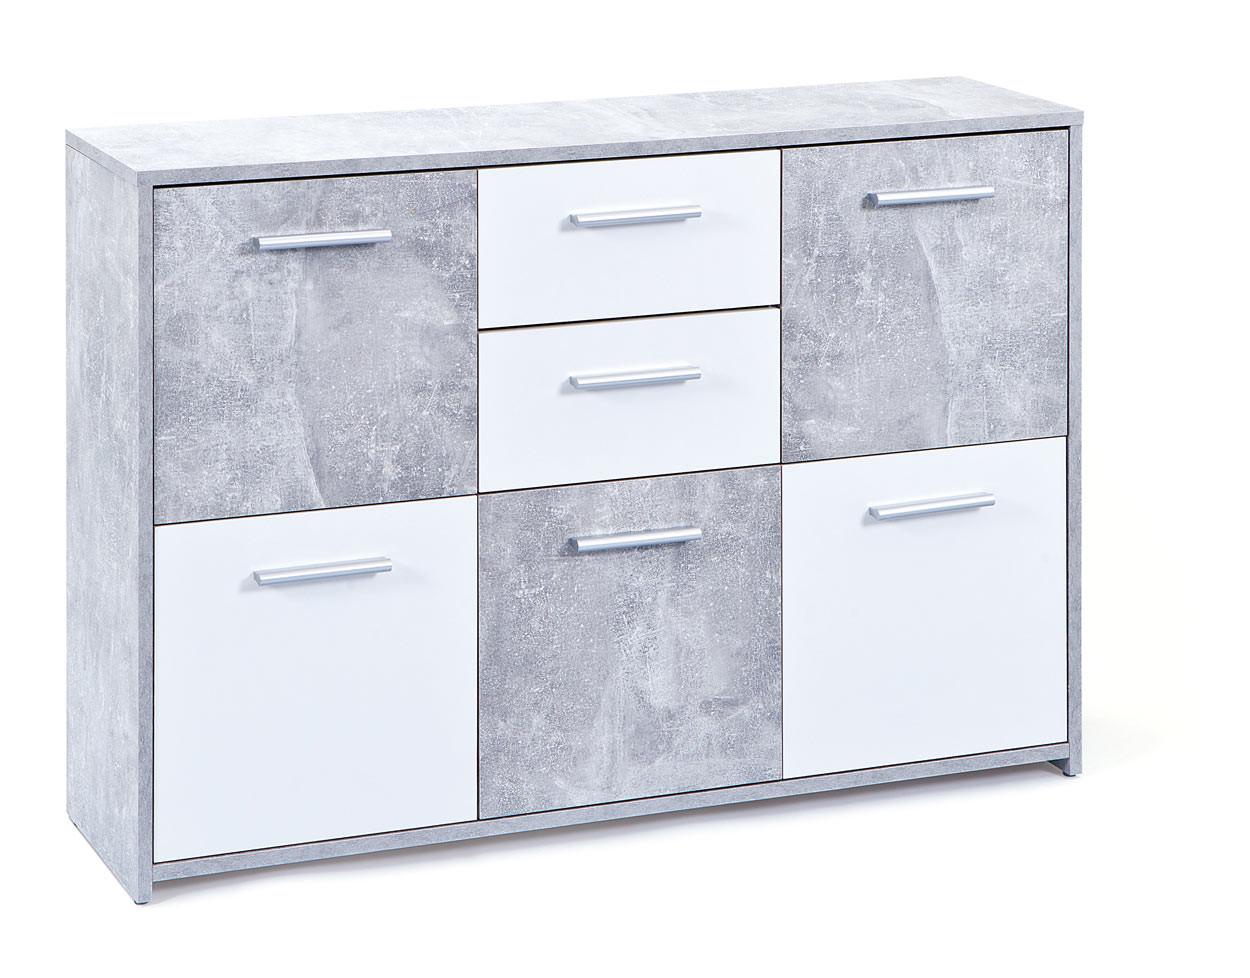 Meuble de rangement contemporain 115 cm blanc/beton Colibri